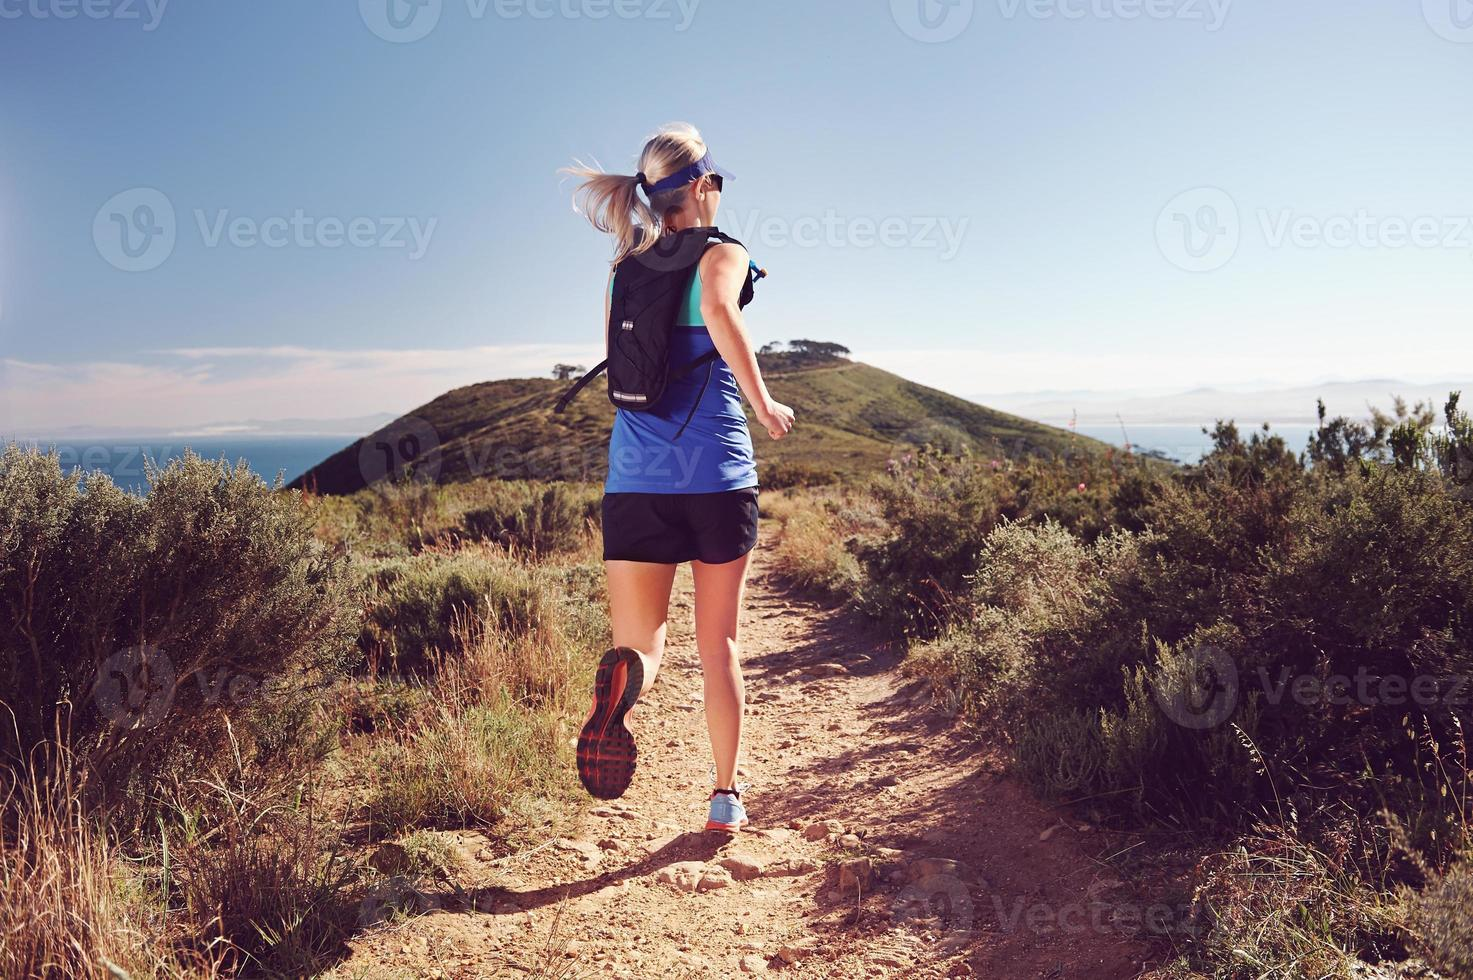 Trailrunning-Frau foto